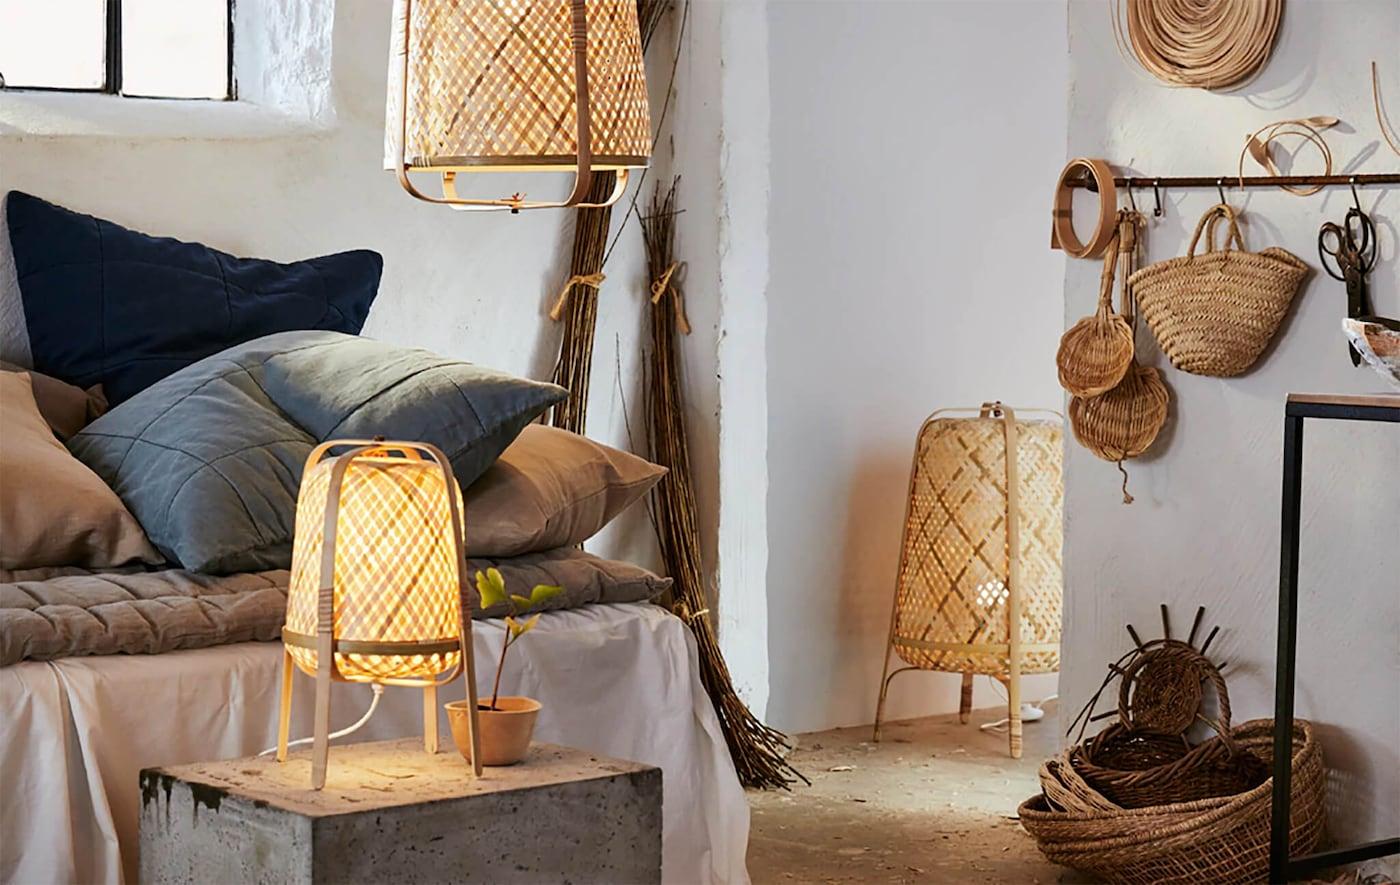 В белой комнате с текстилем нейтральных тонов расставлены корзины из ротанга и светильники из бамбука: напольный, настольный и подвесной.